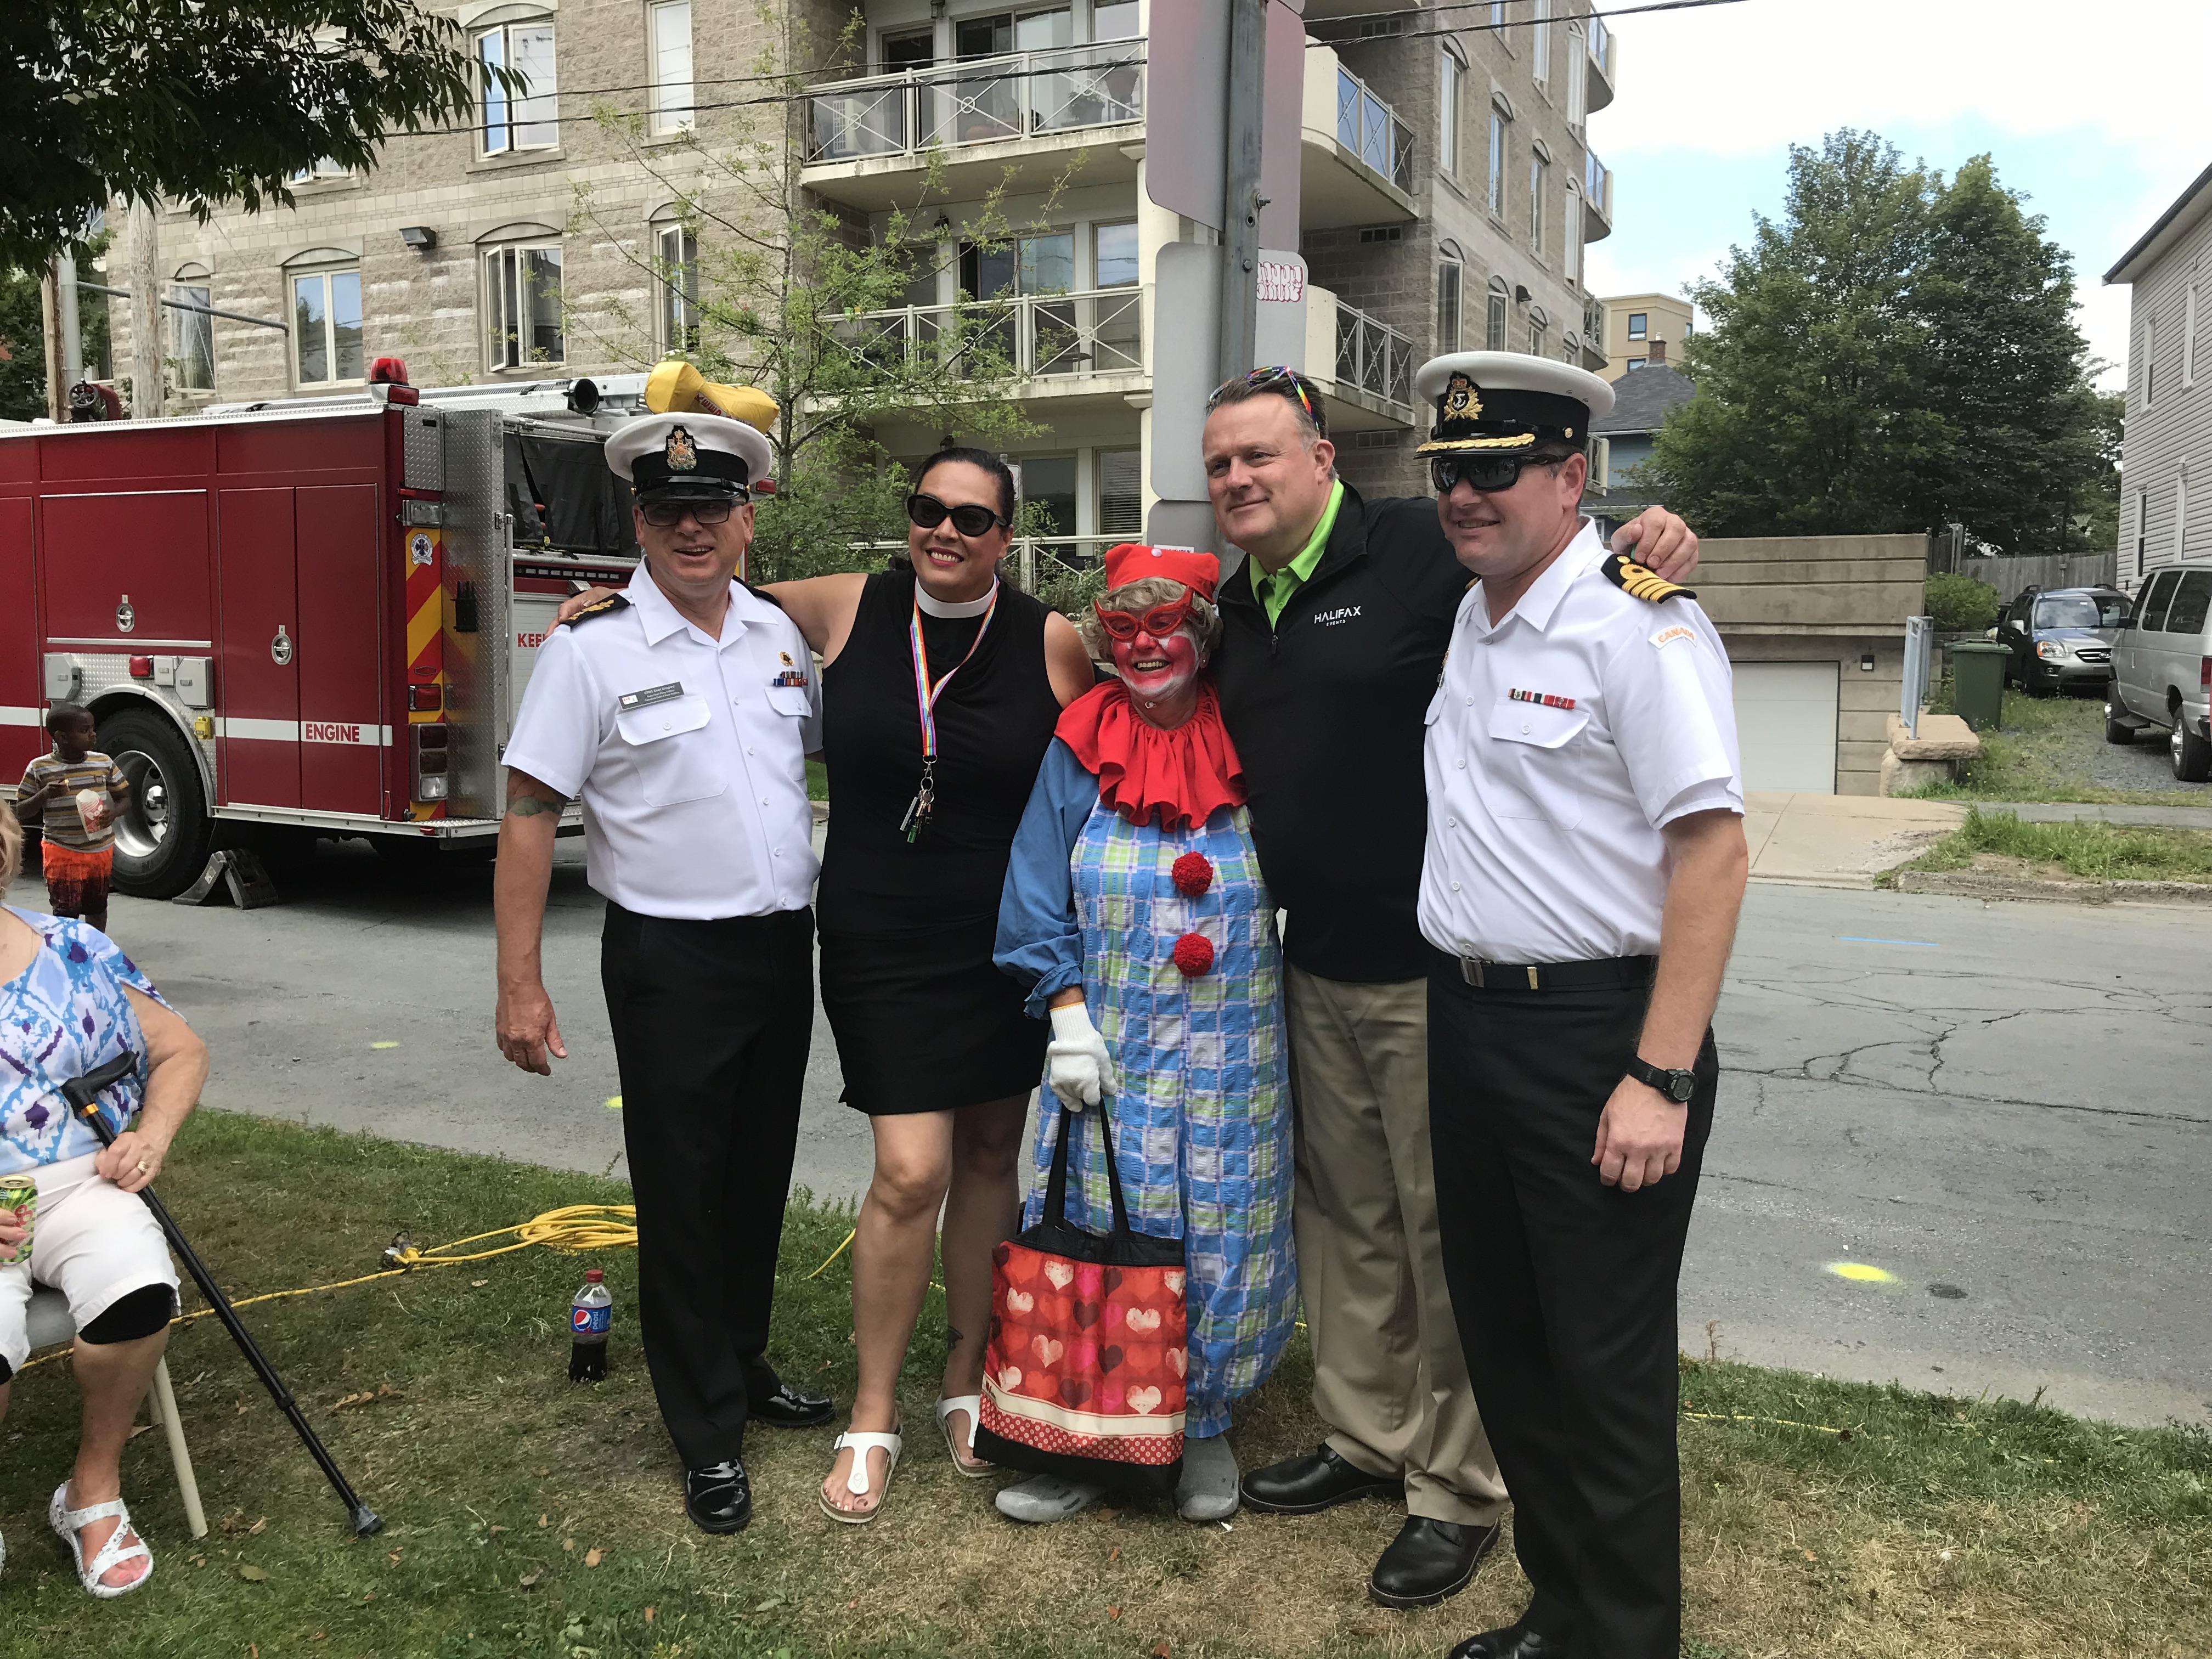 CFB Halifax at Ward 5 block party